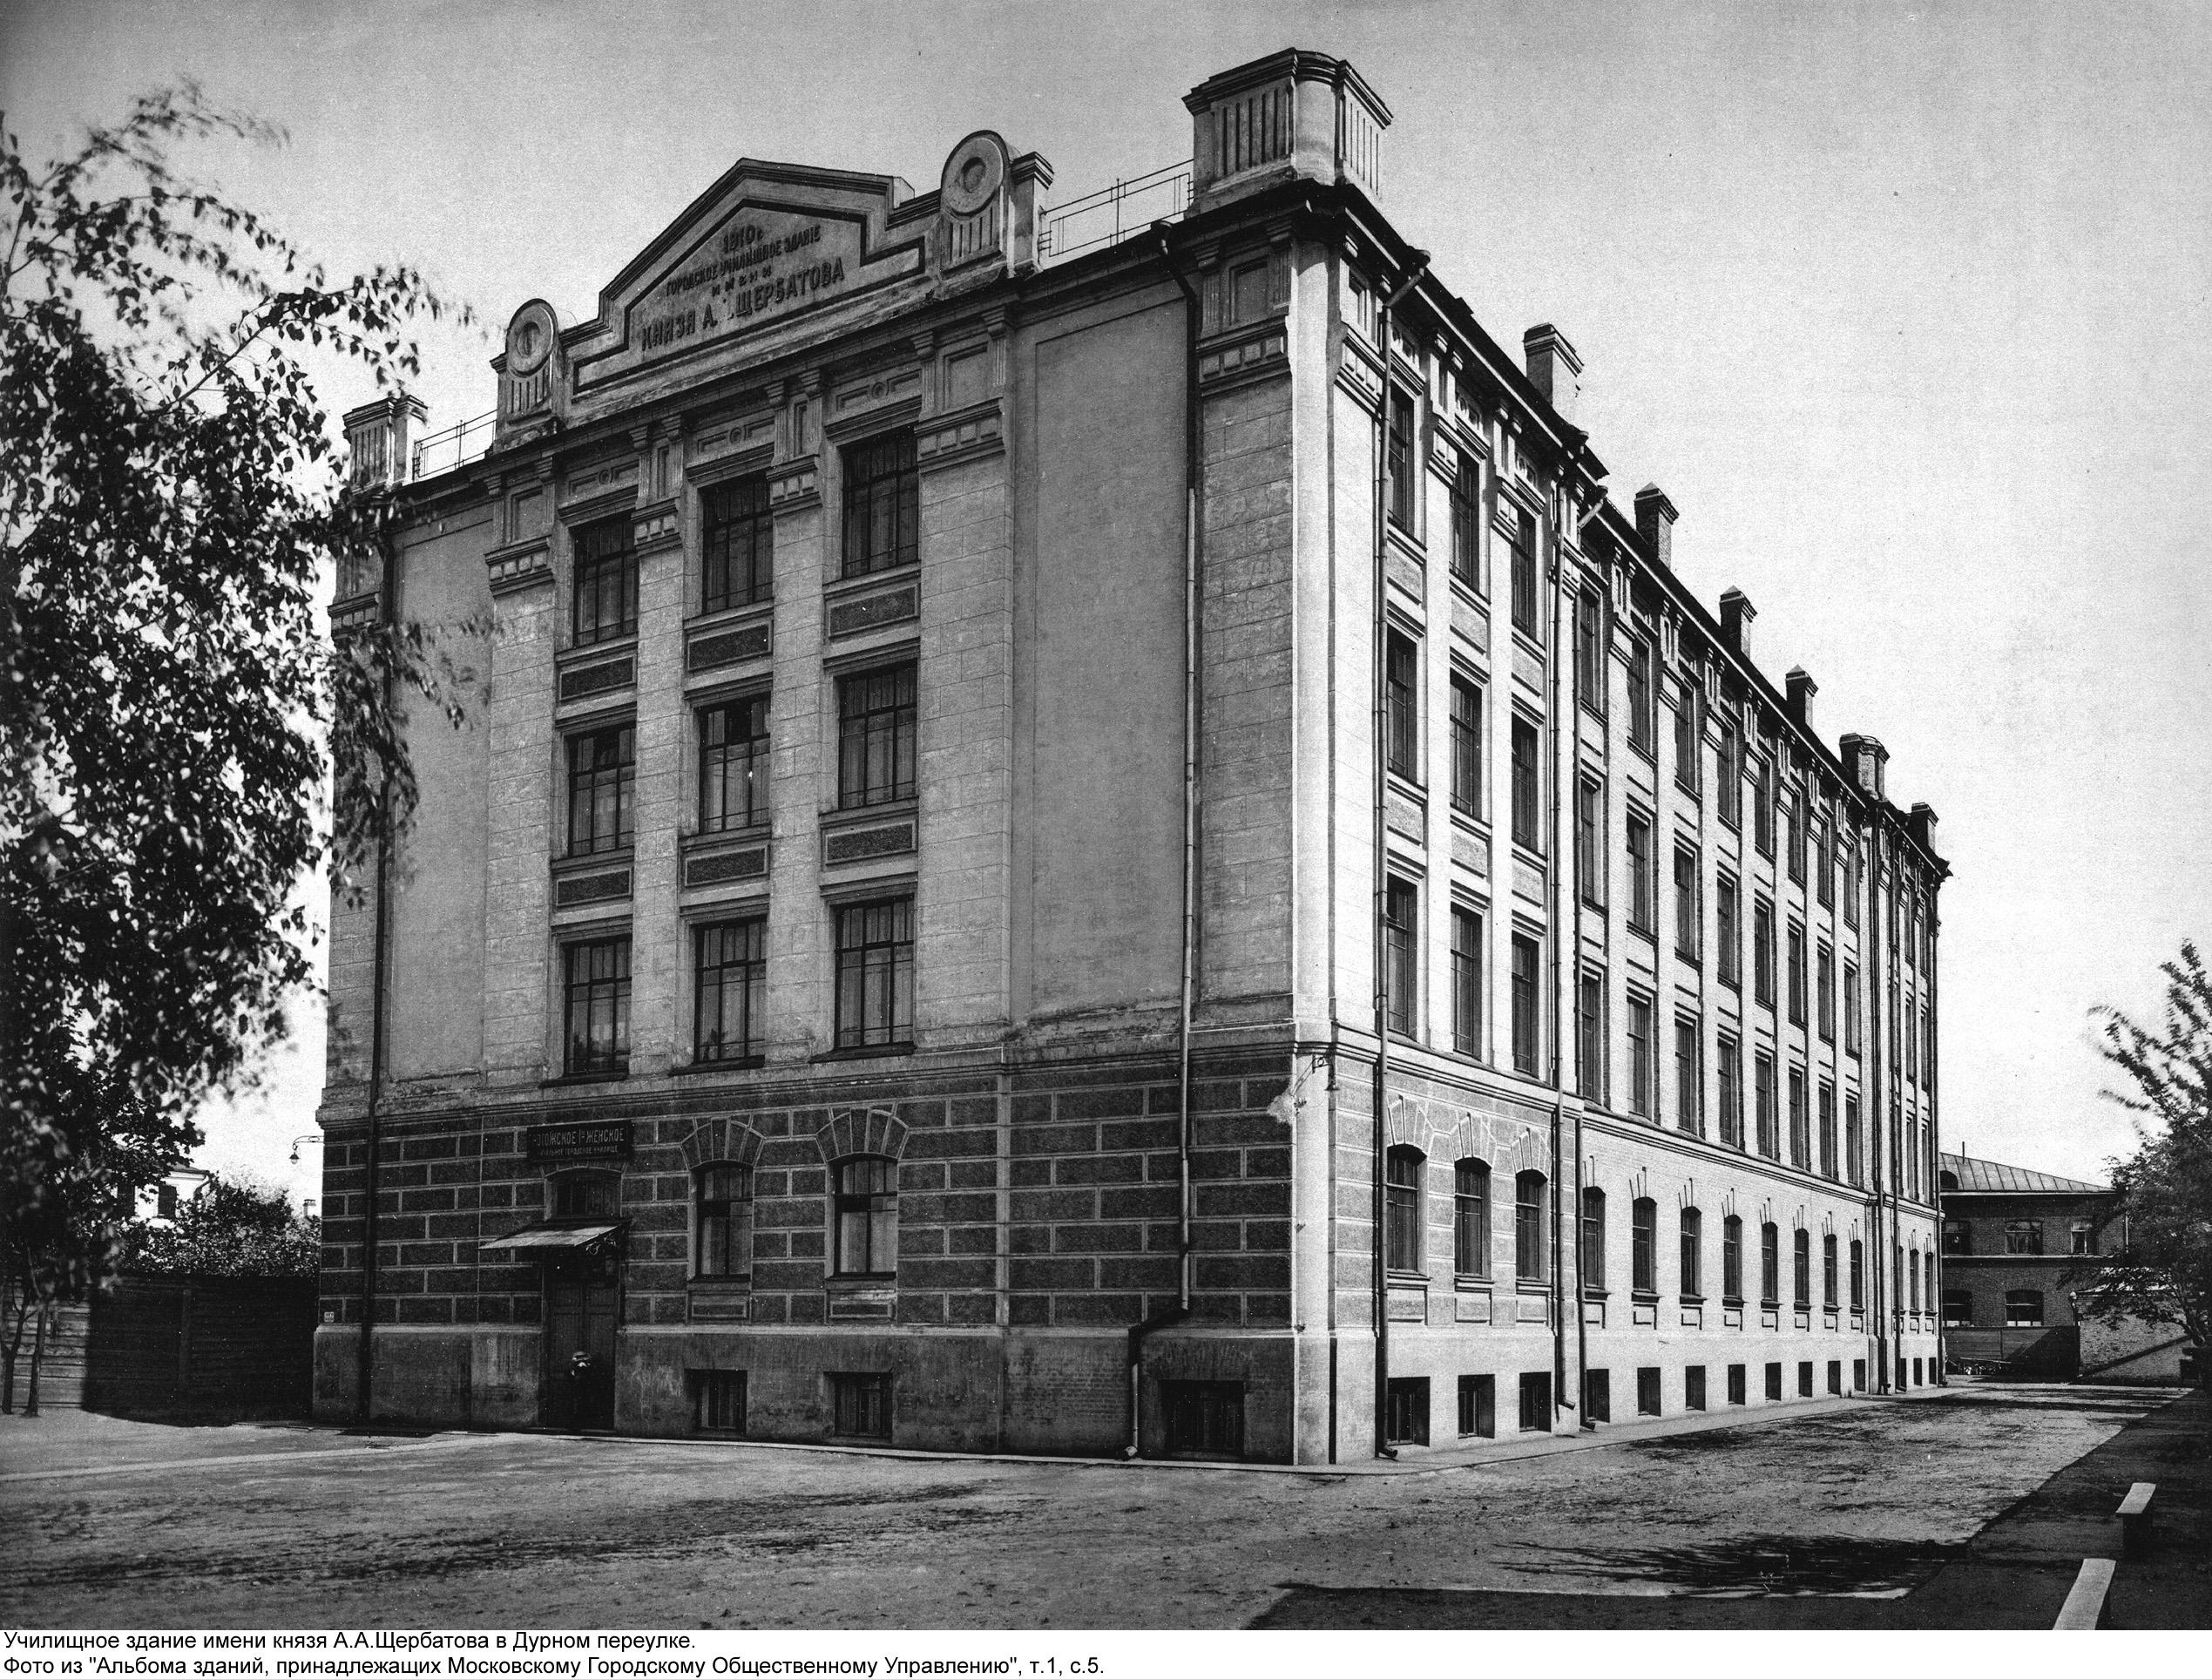 Училищное здание имени князя Щербатова в Дурном переулке